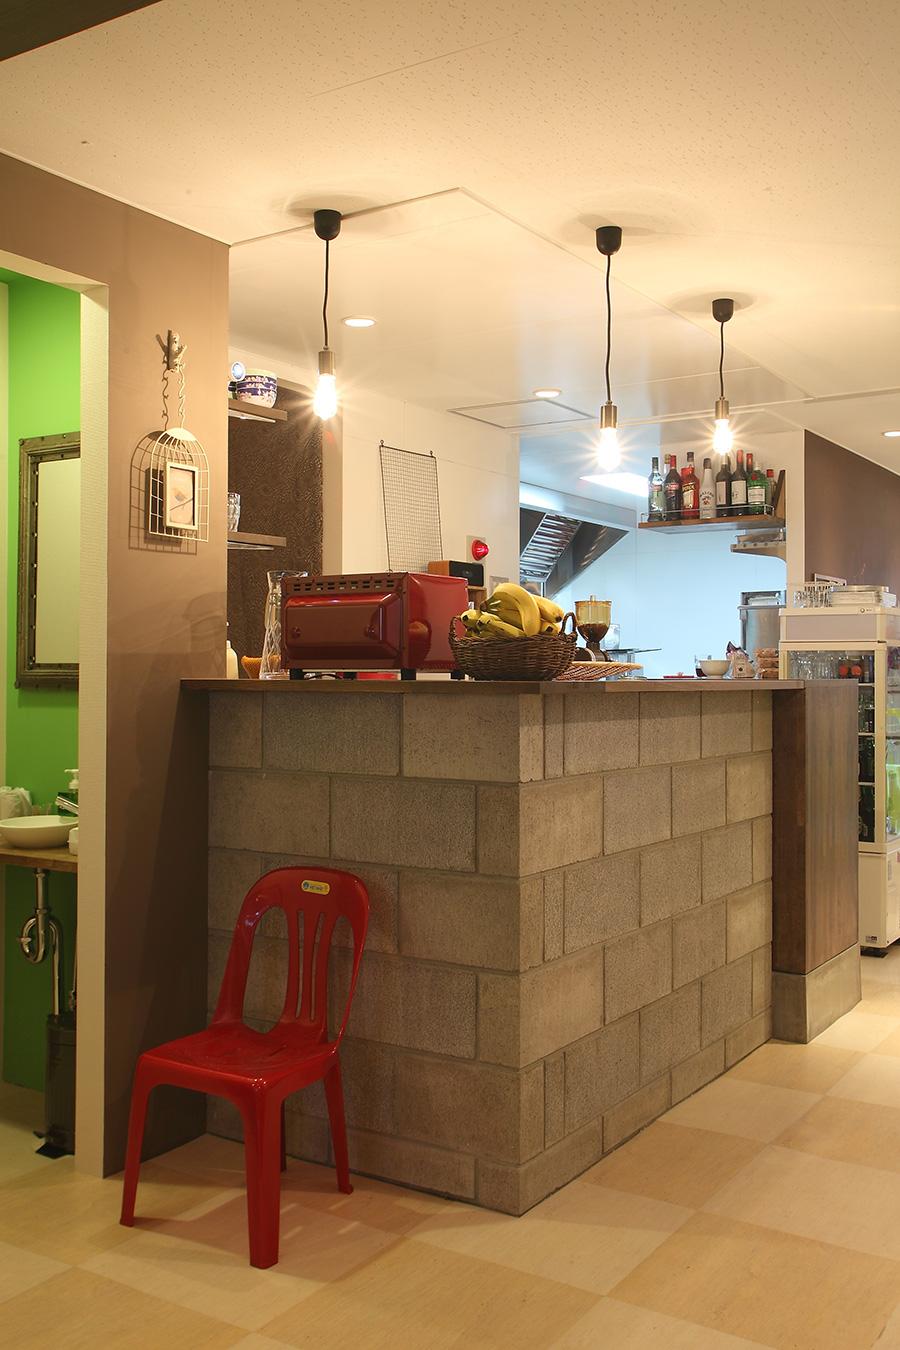 ベトナム料理店のカウンター